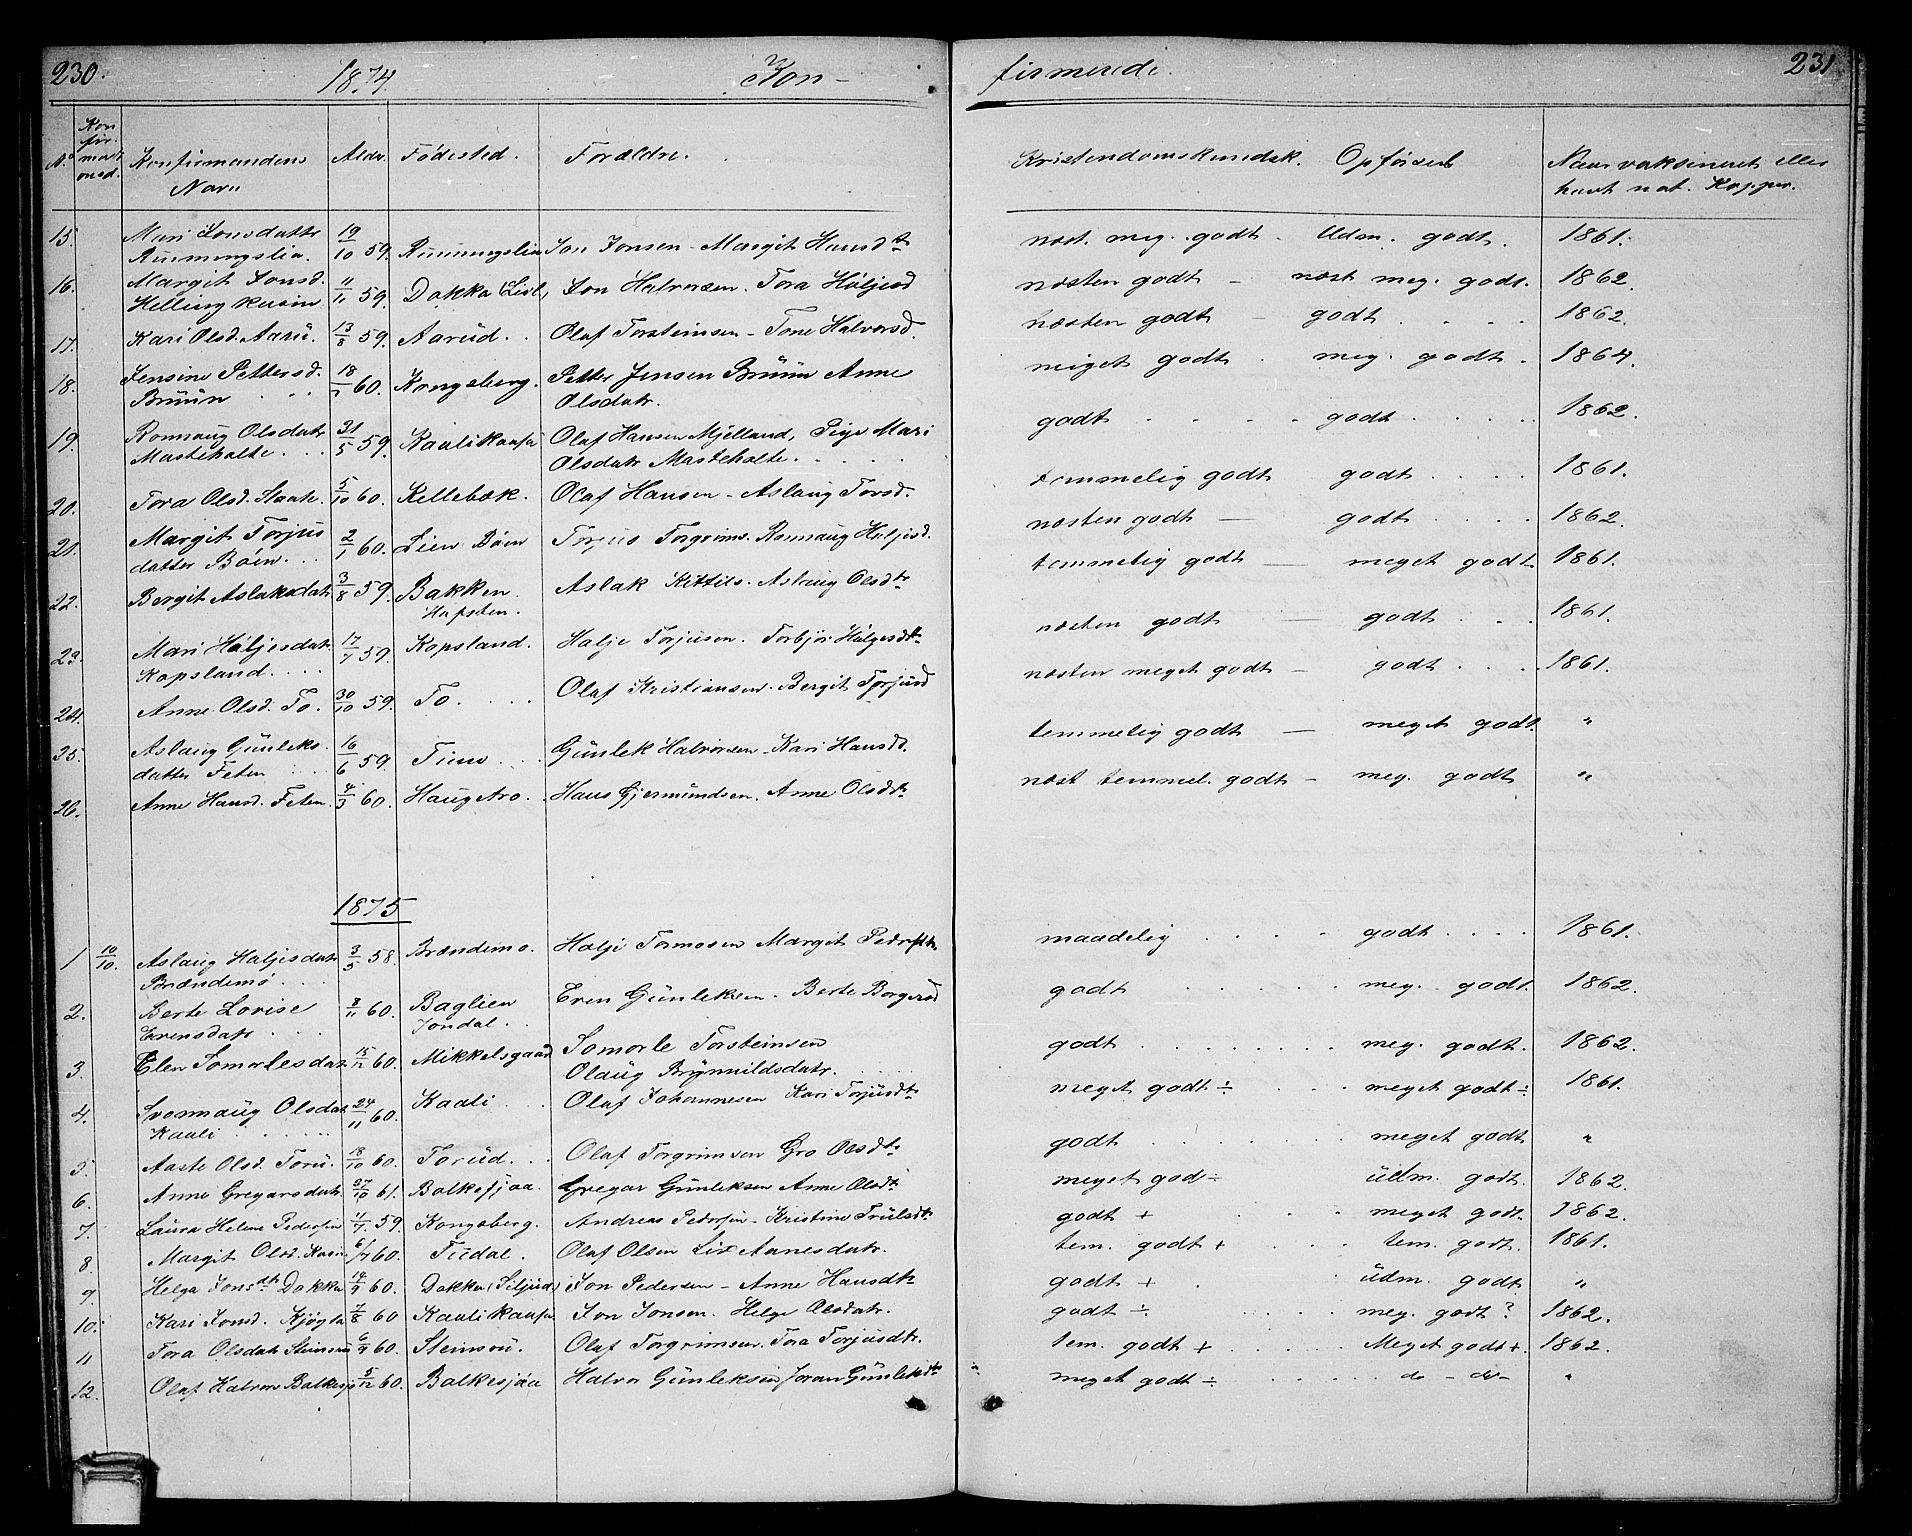 SAKO, Gransherad kirkebøker, G/Ga/L0002: Klokkerbok nr. I 2, 1854-1886, s. 230-231